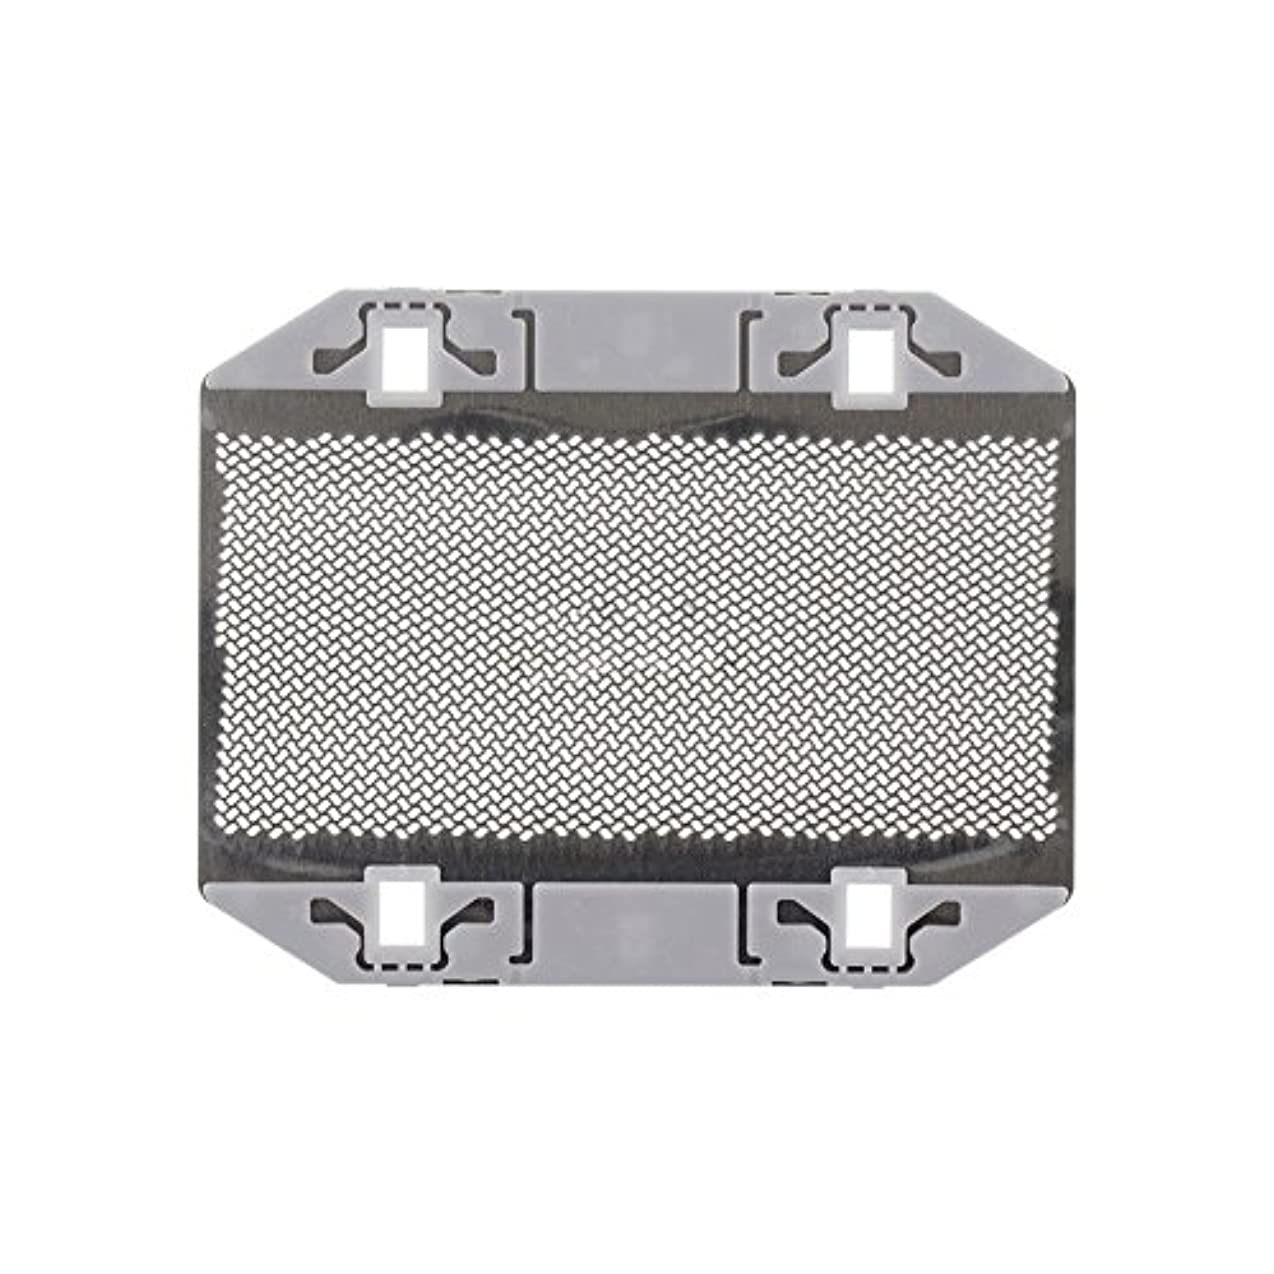 液体すずめほとんどないHzjundasi シェーバーパーツ 部品 外刃 ロータリー式シェーバー替刃 耐用 高質量 for Panasonic ES9943 ES3042 ES3801 ES3750 ES365 ES366